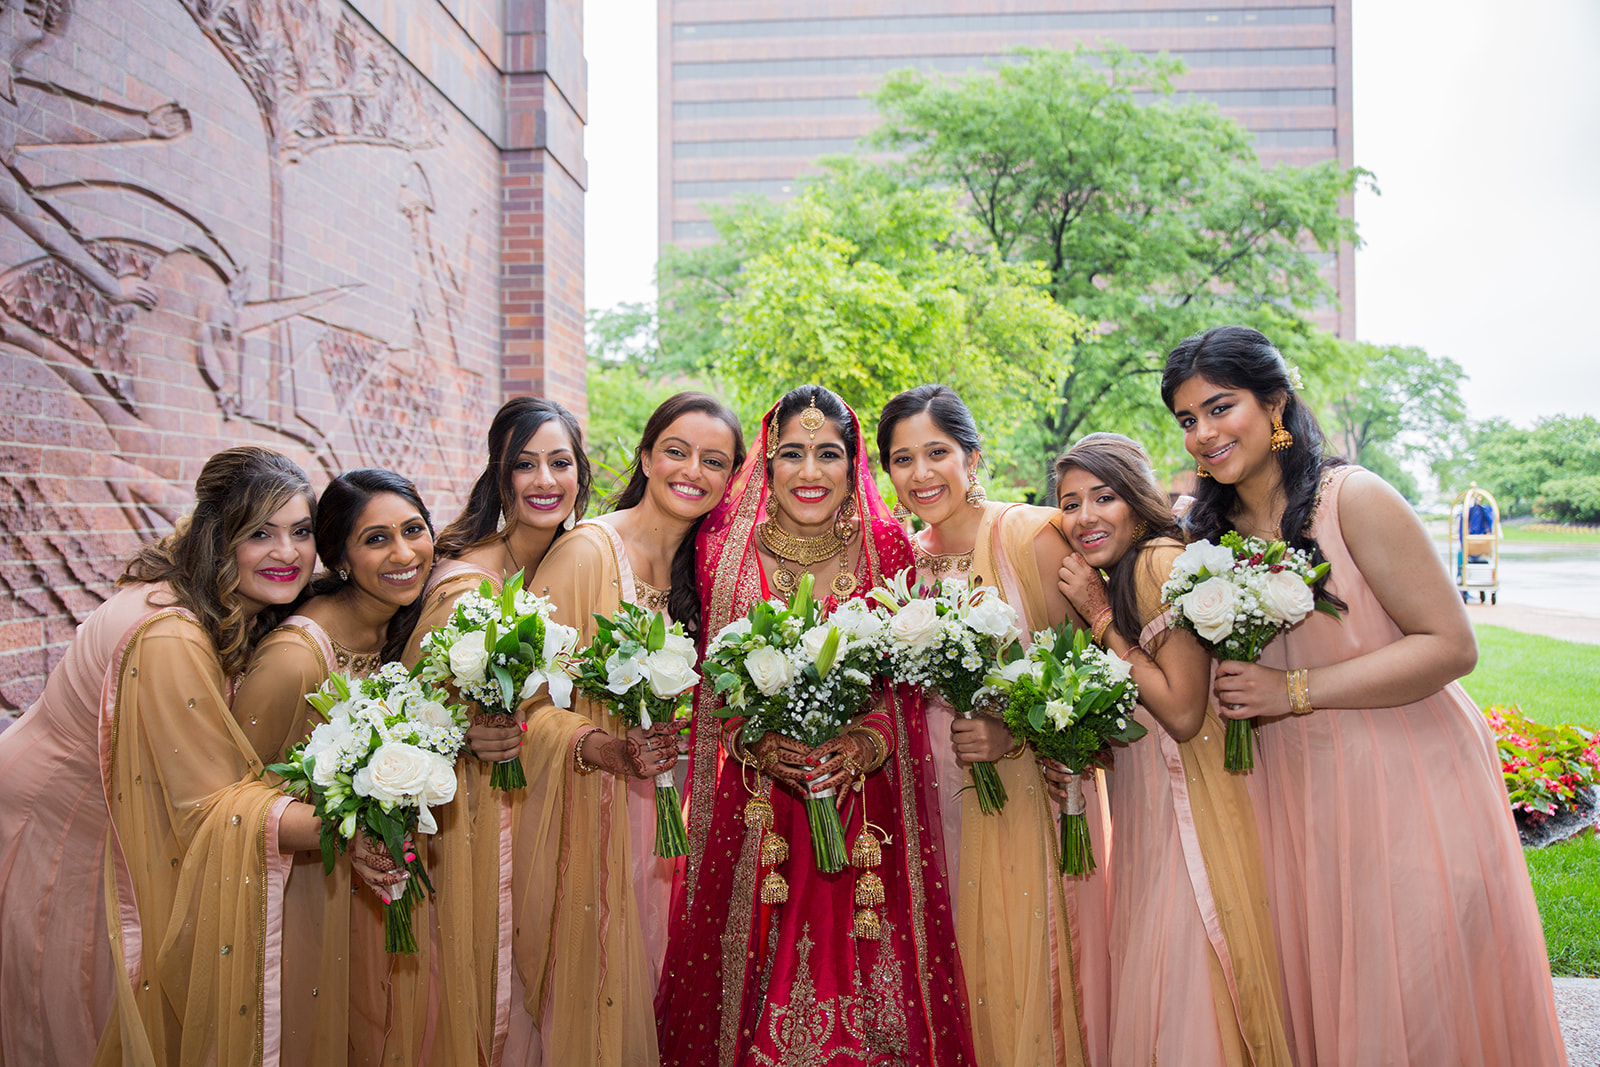 Le Cape Weddings - Sumeet and Chavi - Friends and Family Photos AM -17.jpg